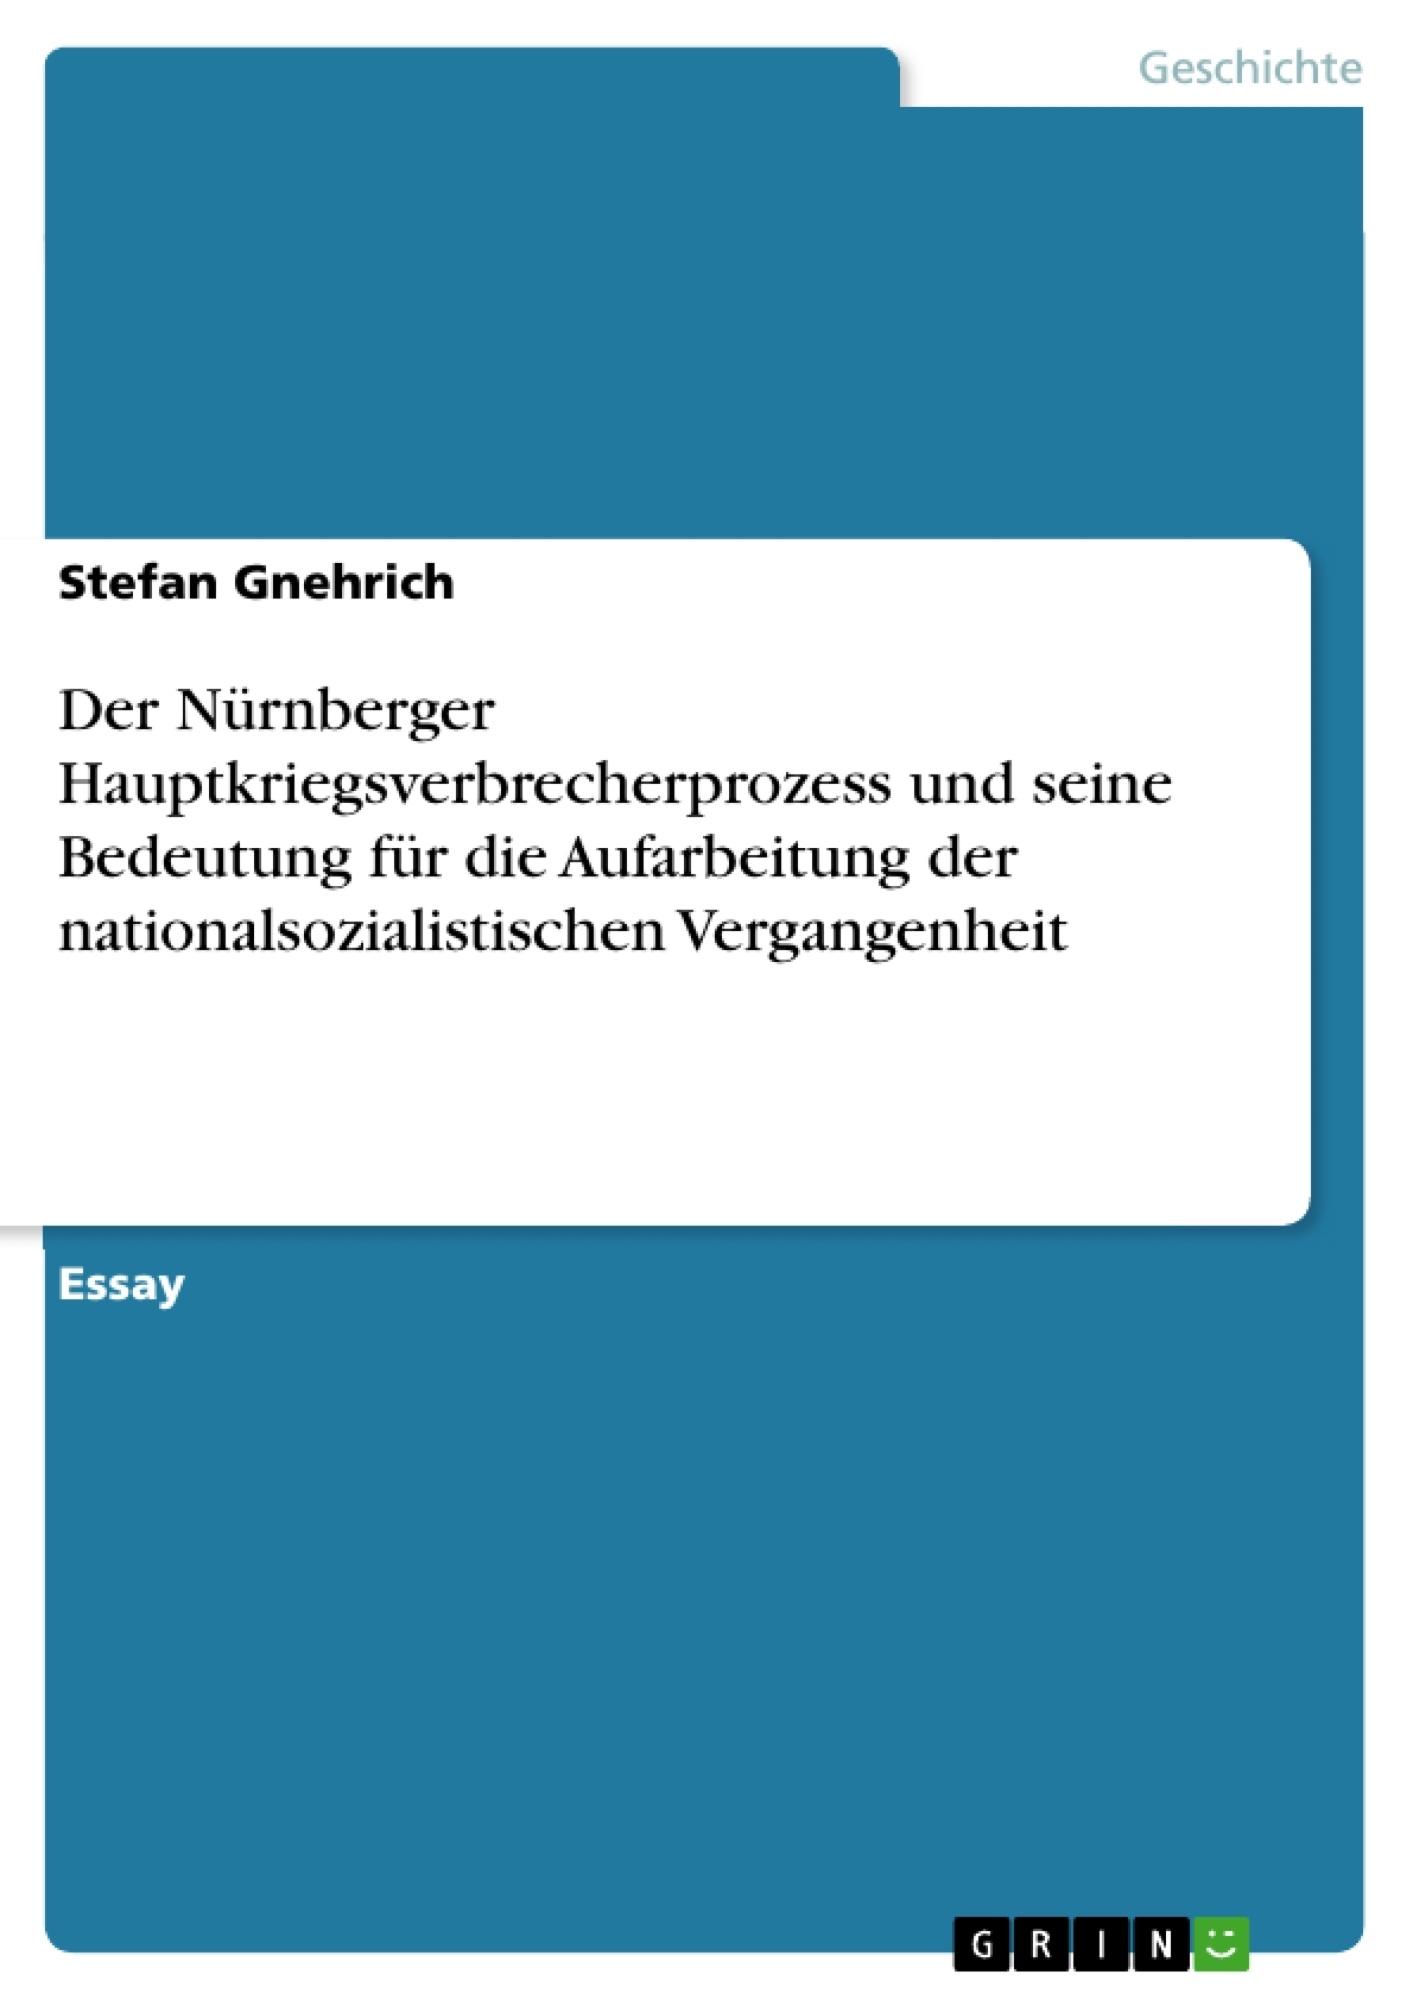 Titel: Der Nürnberger Hauptkriegsverbrecherprozess und seine Bedeutung für die Aufarbeitung der nationalsozialistischen Vergangenheit